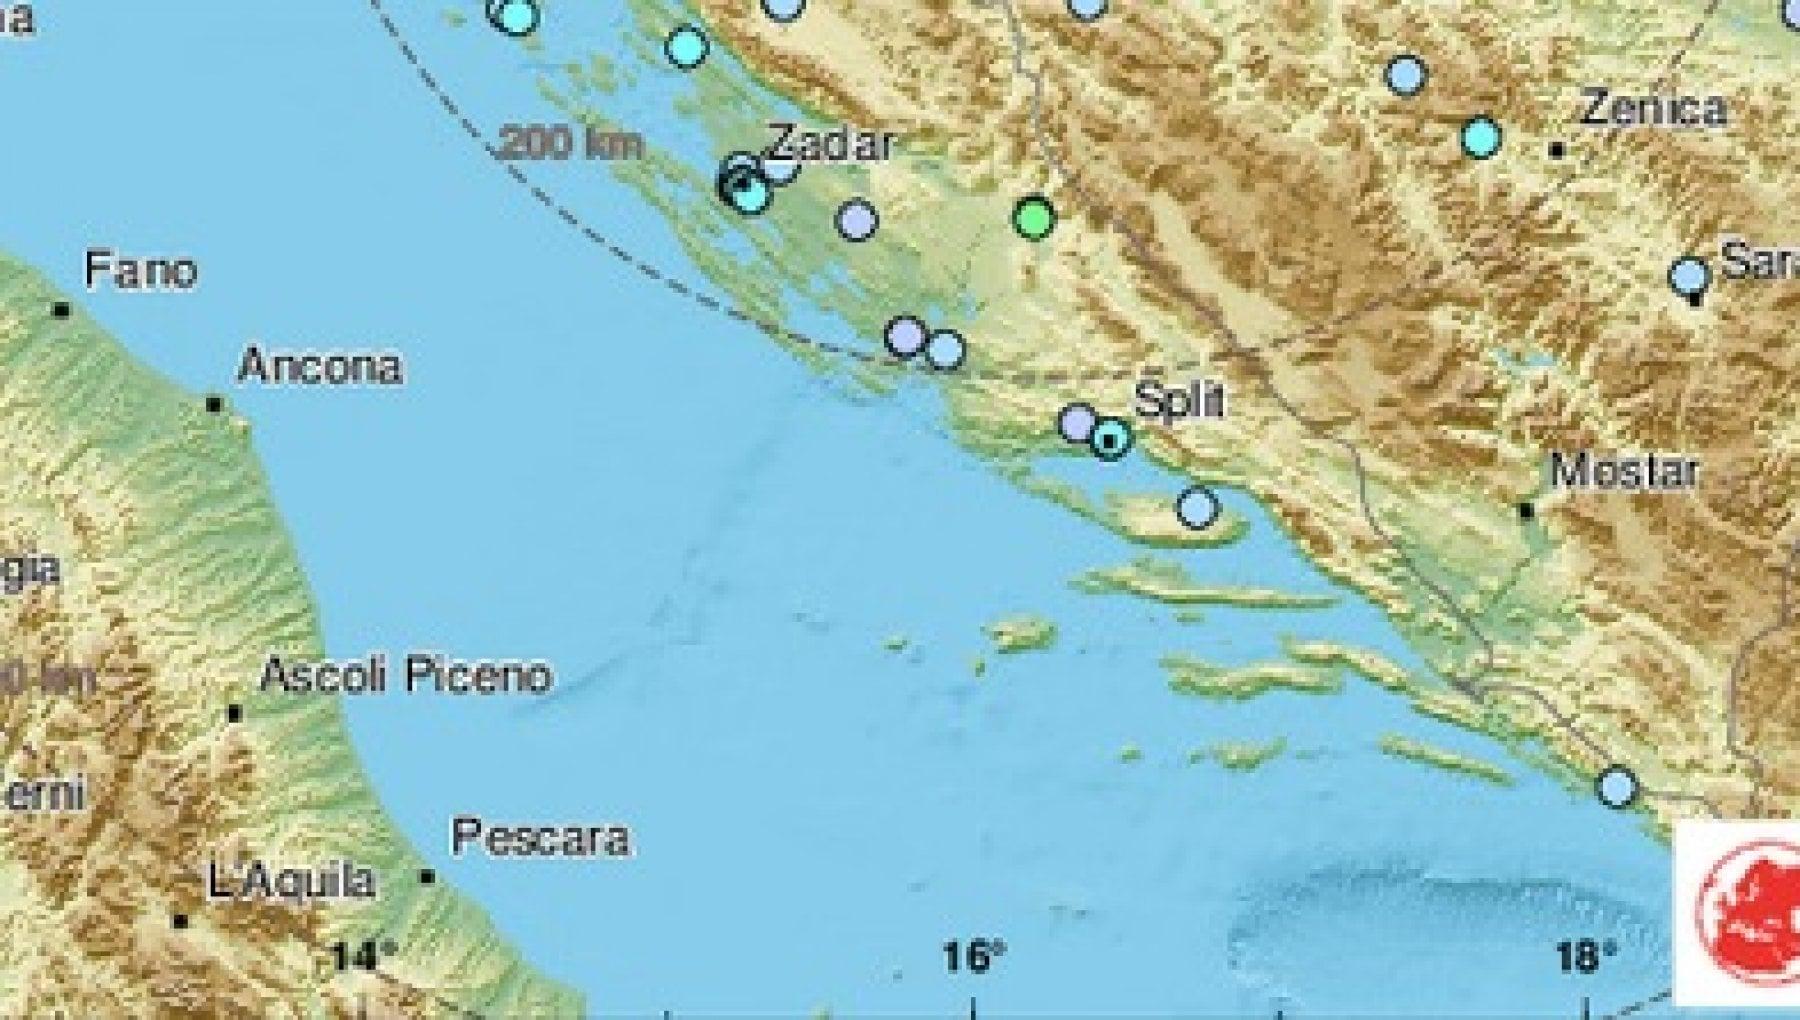 124858746 05d4a8fa 03b1 46f5 8c80 6db932cc020c - Terremoto di magnitudo 6.3 vicino a Zagabria. Edifici crollati. Scossa avvertita in Italia nelle regioni adriatiche